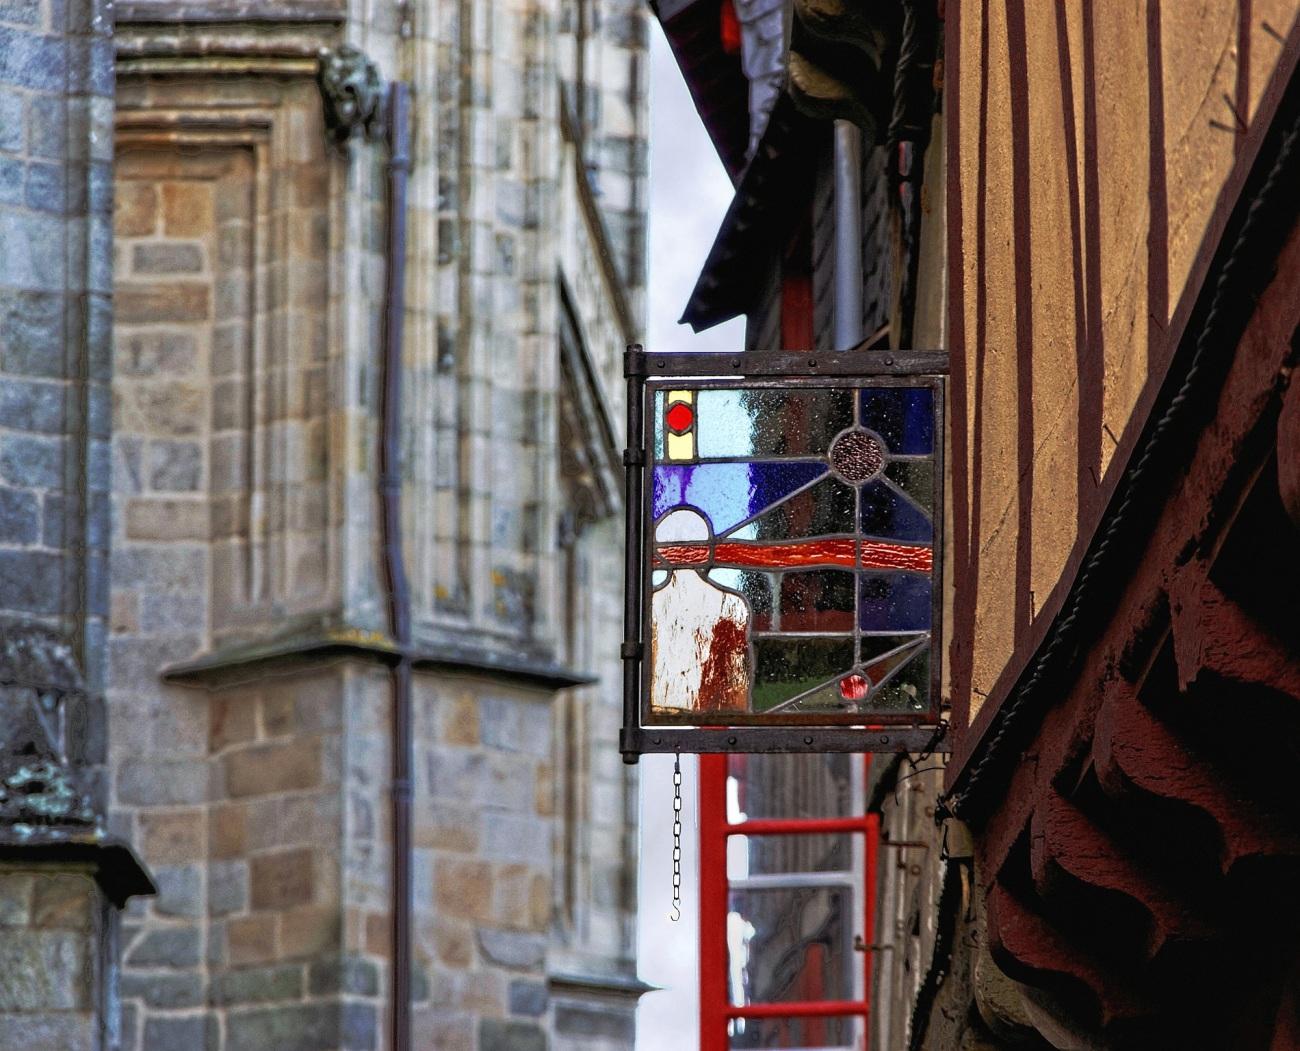 vitrail Vannes maison à pans de bois_DxOFP1_DxO pour blog